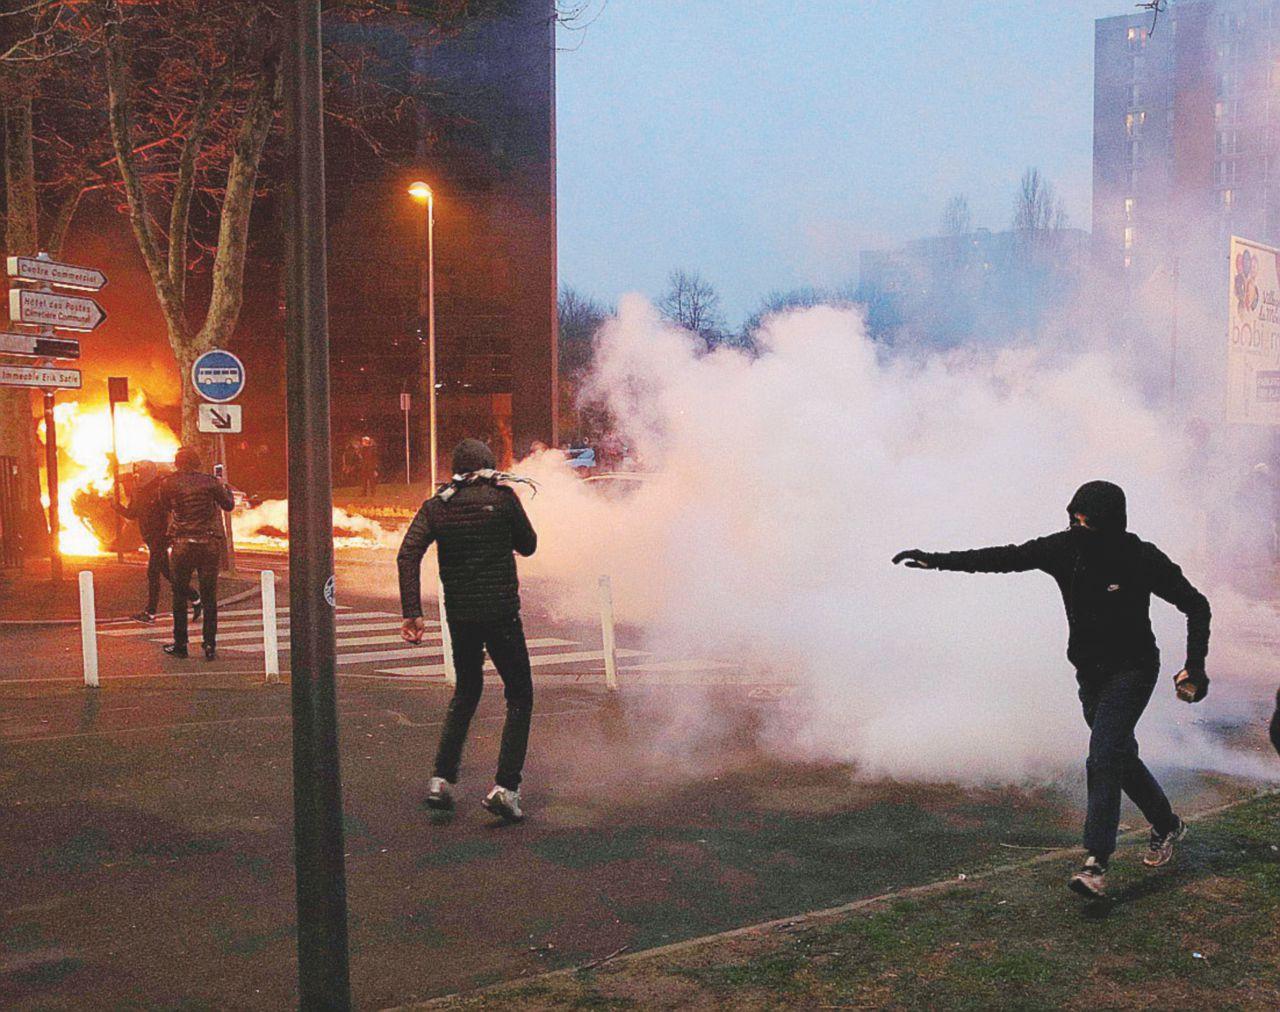 """Polizia nelle banlieue e retate: quel che resta è ancora """"L'odio"""""""